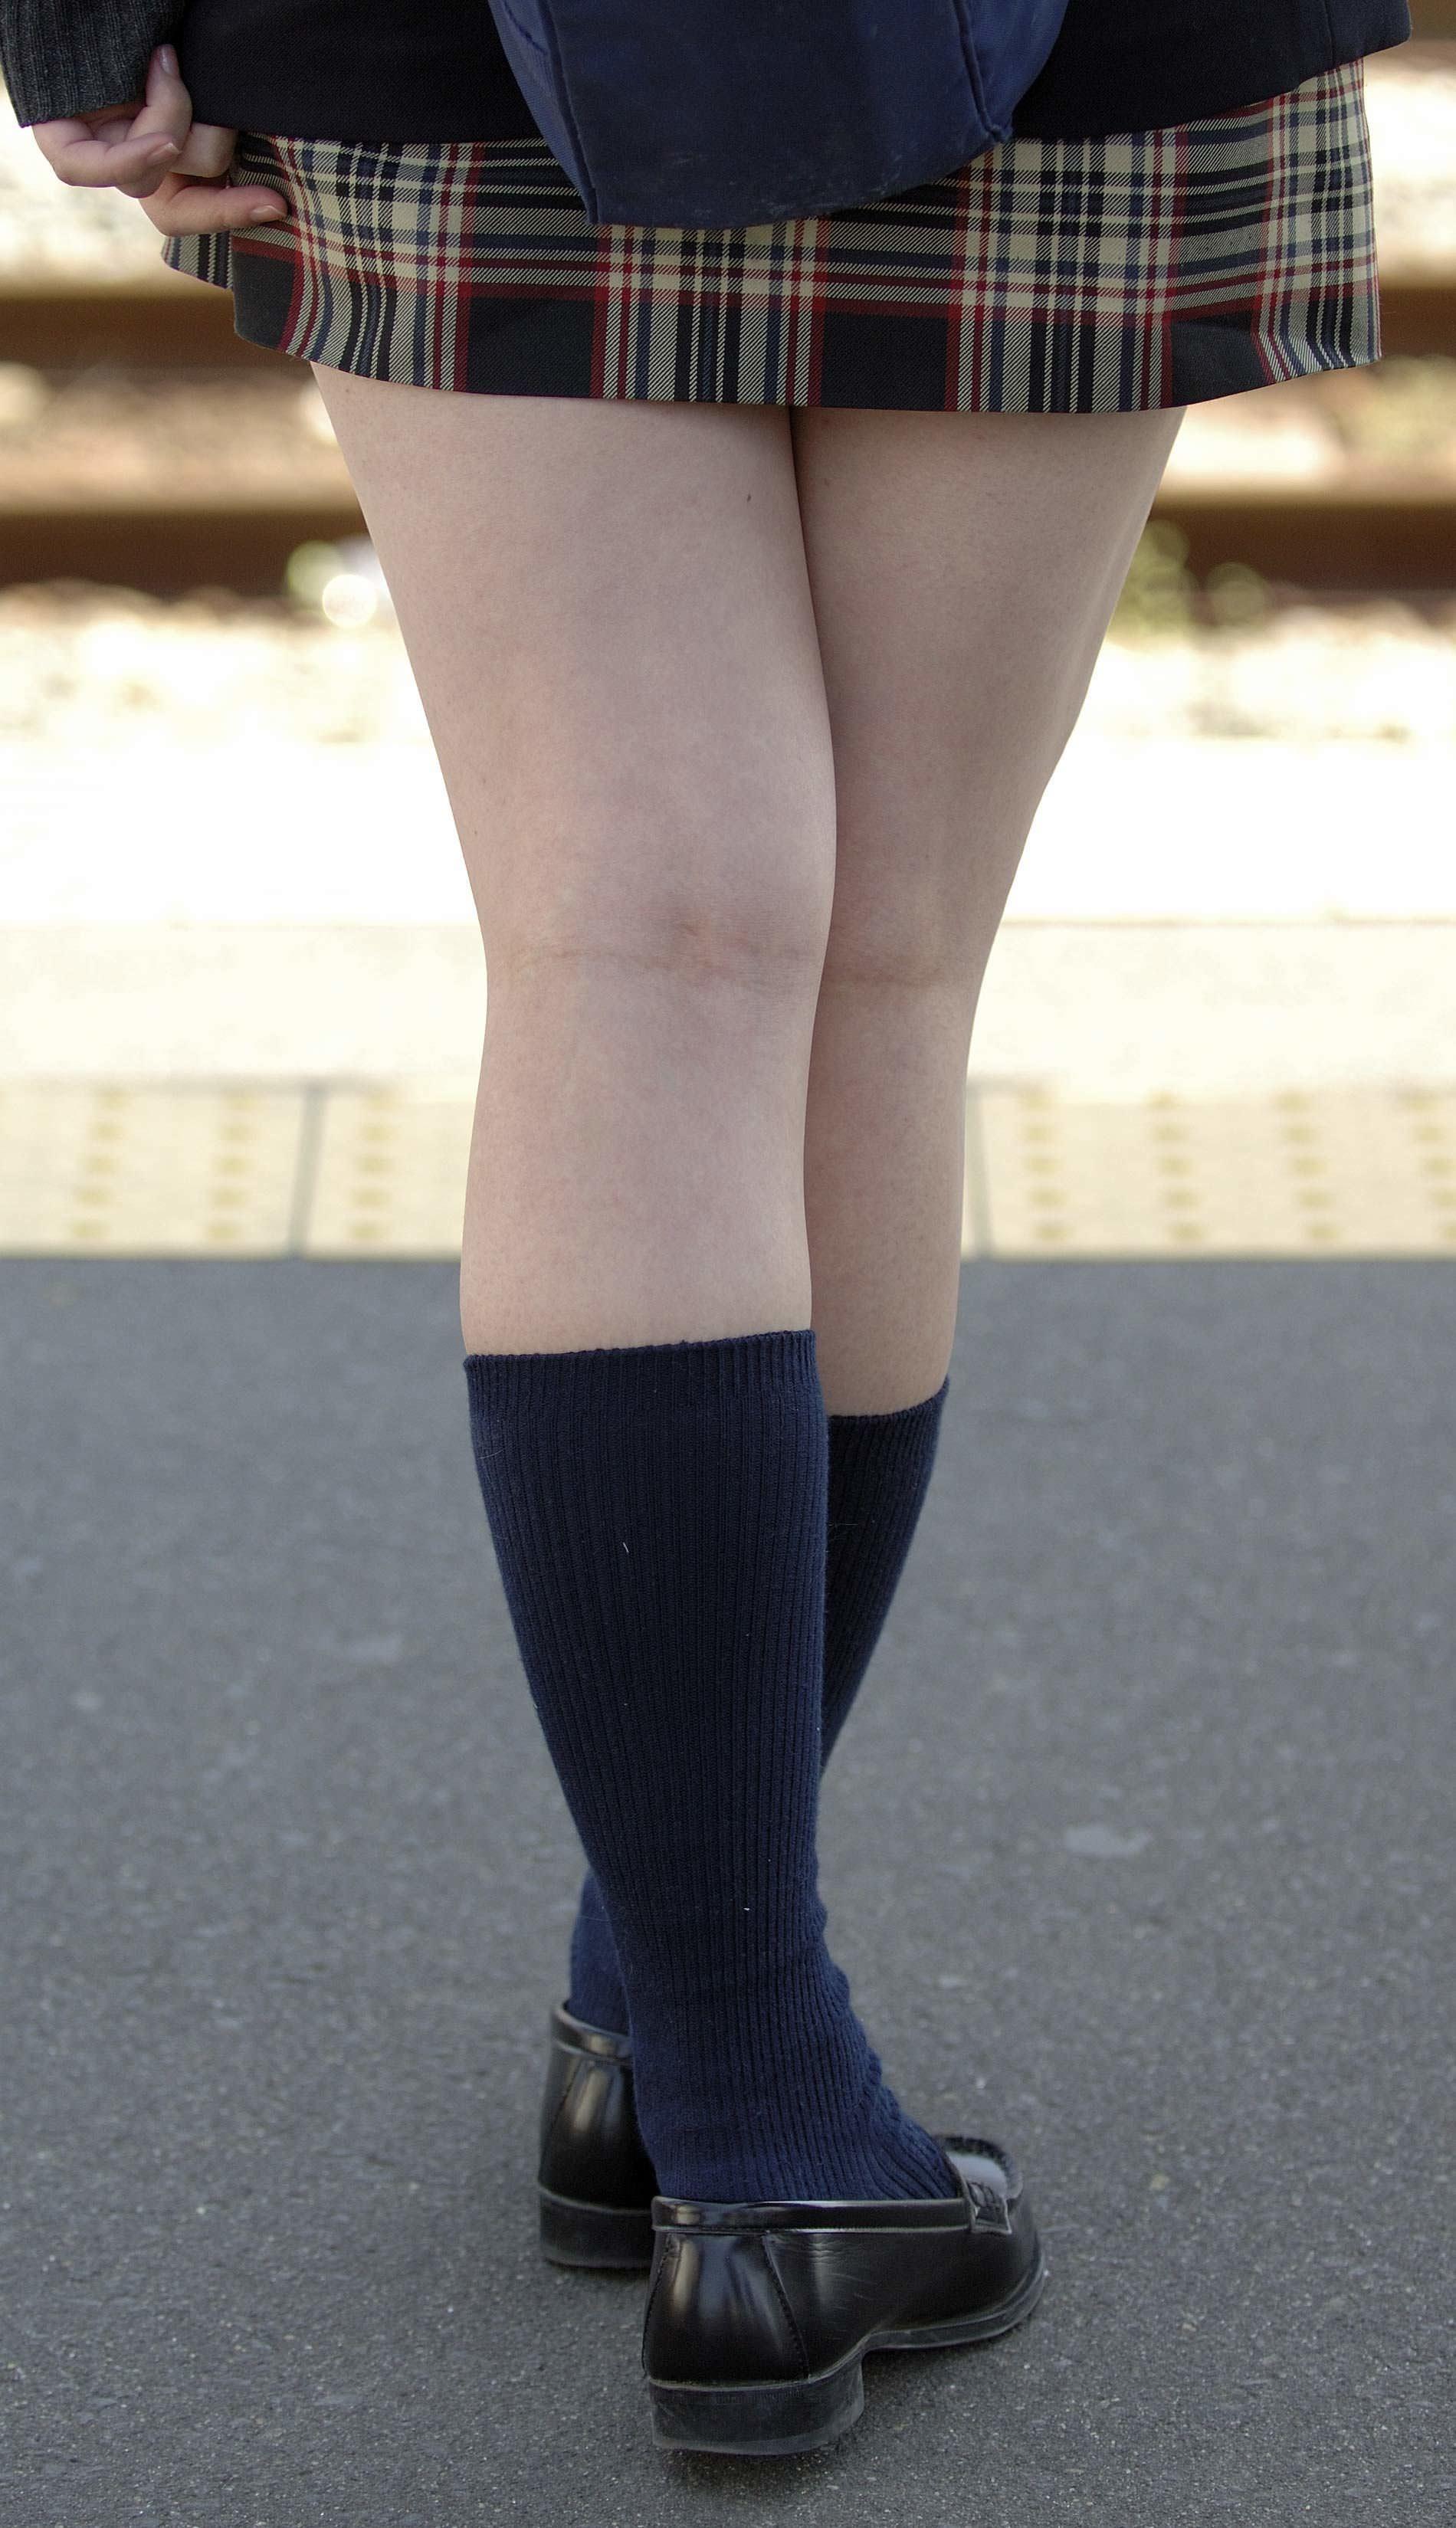 女子高生の靴下大好きソックスフェチ画像wwwwwwwwww NPVP5XJ